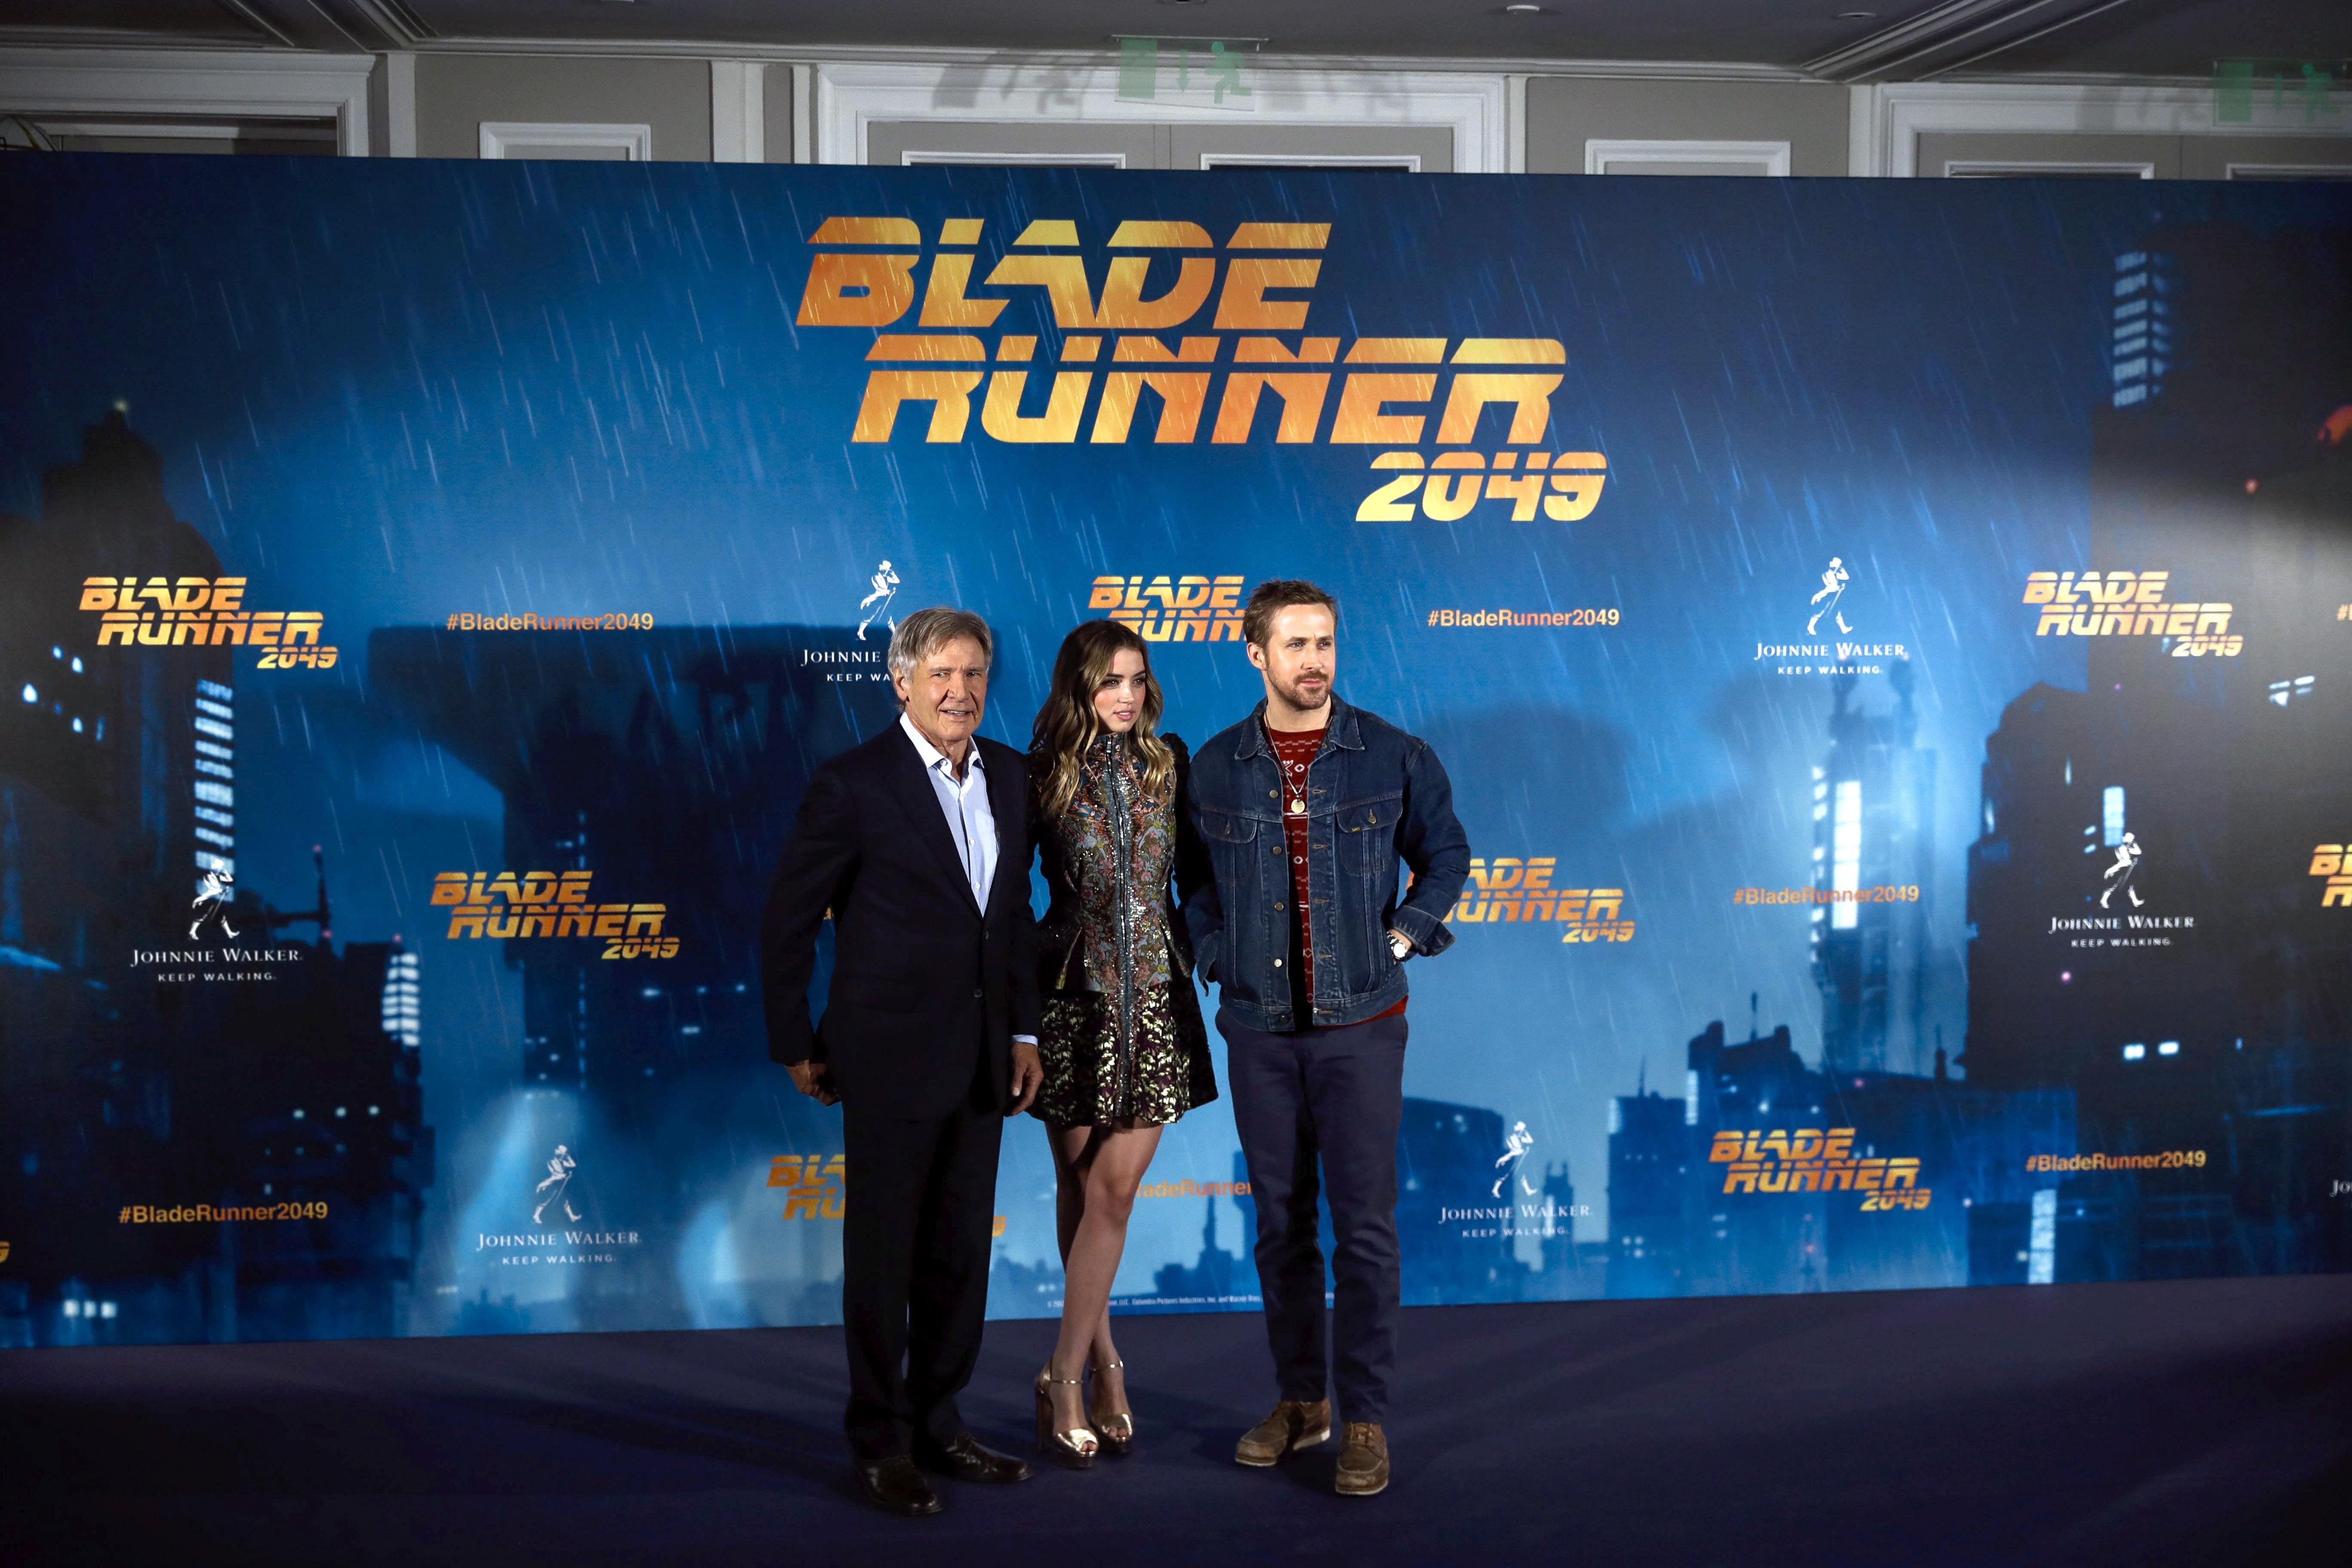 """Presentació a Madrid de """"Blade Runner 2049"""", seqüela de l'obra mestra de Ridley Scott. /EMILIO NARANJO"""